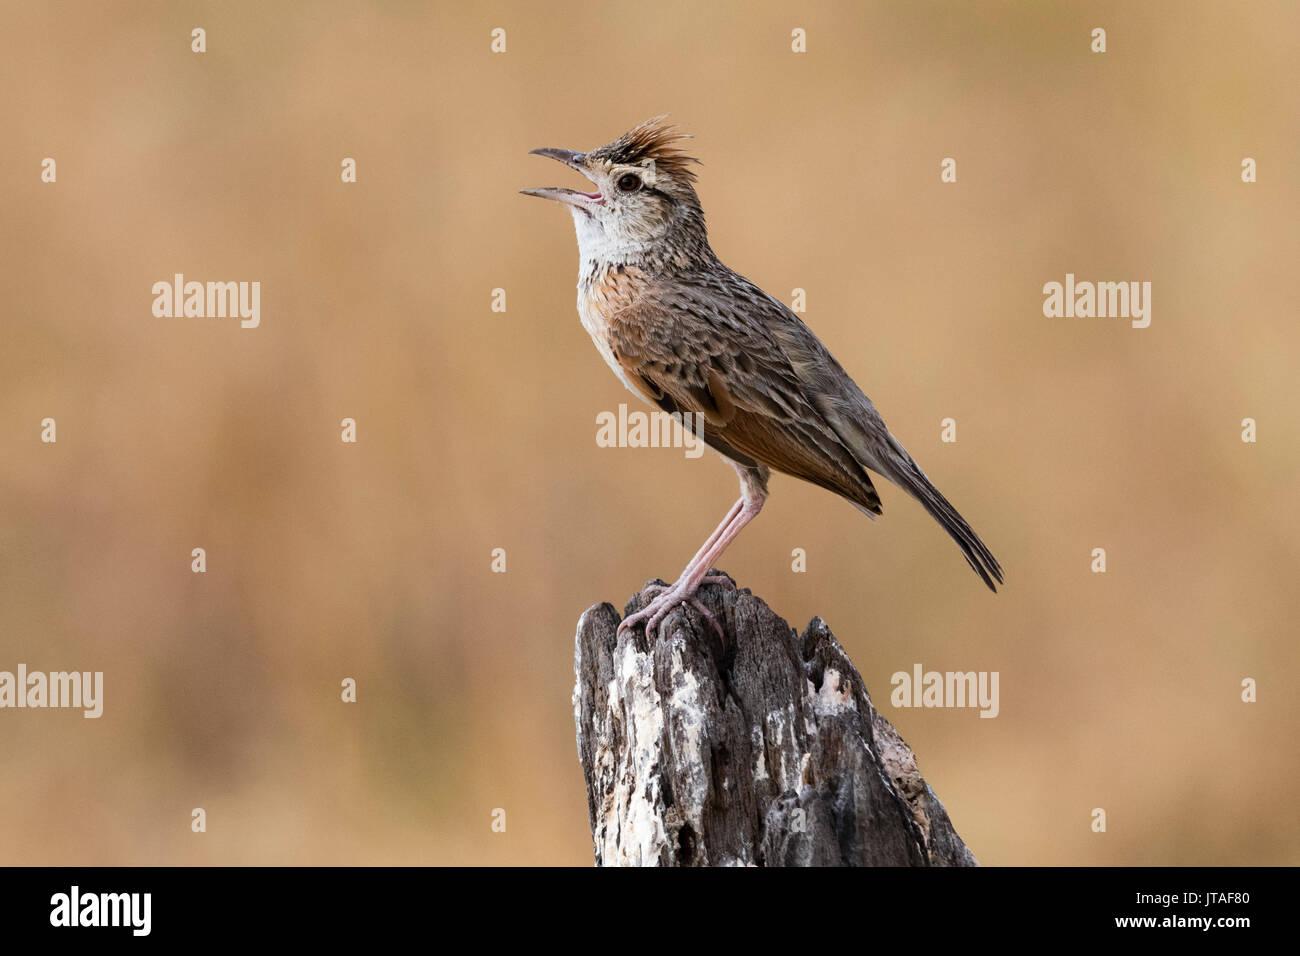 Rufous-naped lark (Mirafra africana), Savuti, Chobe National Park, Botswana, Africa Stock Photo